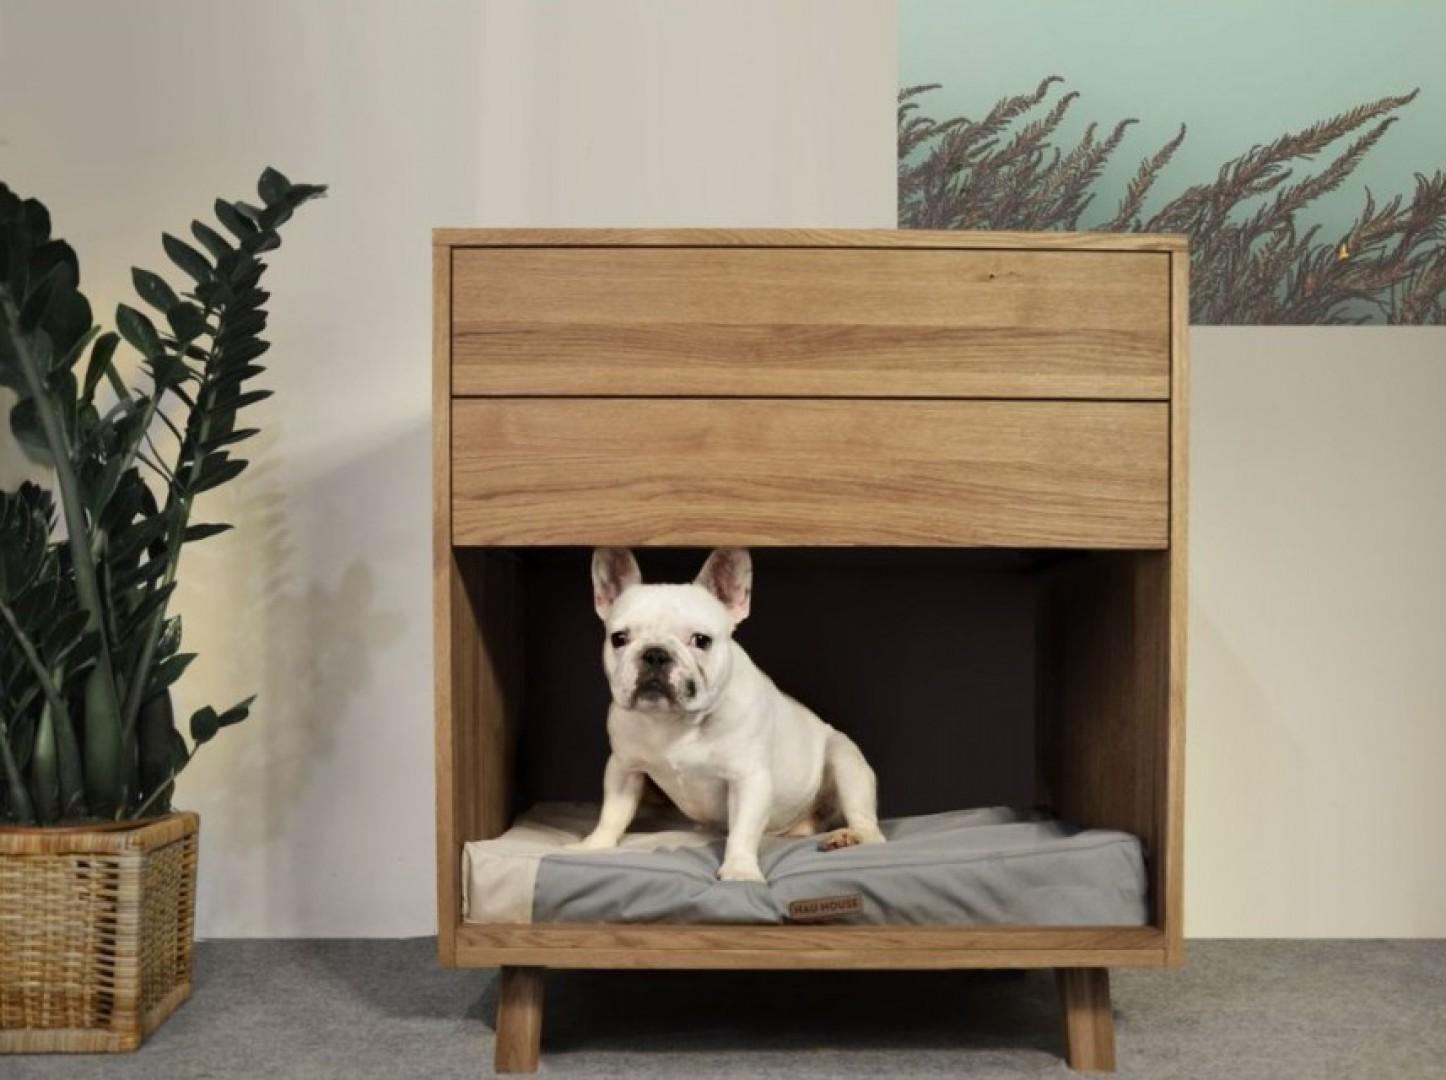 Polska marka Hau House zaprojektowała meble i akcesoria wnętrzarskie, które łączą przestrzeń człowieka i domowego czworonoga. Fot. Hau House